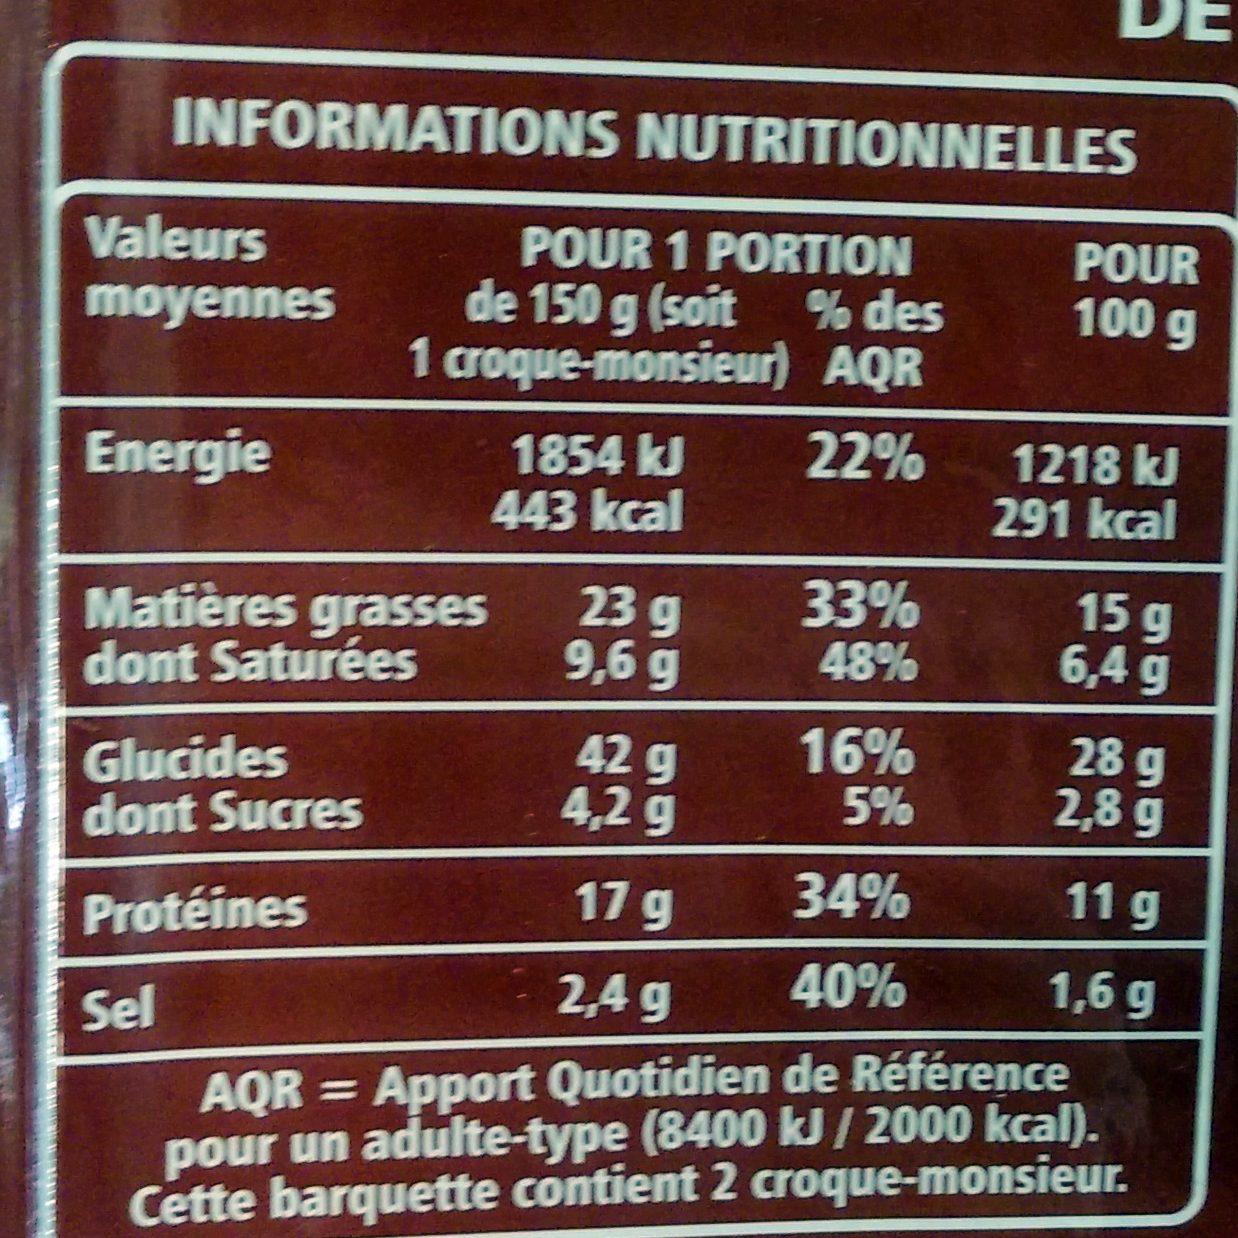 2 croque-monsieur Maxi - Informations nutritionnelles - fr